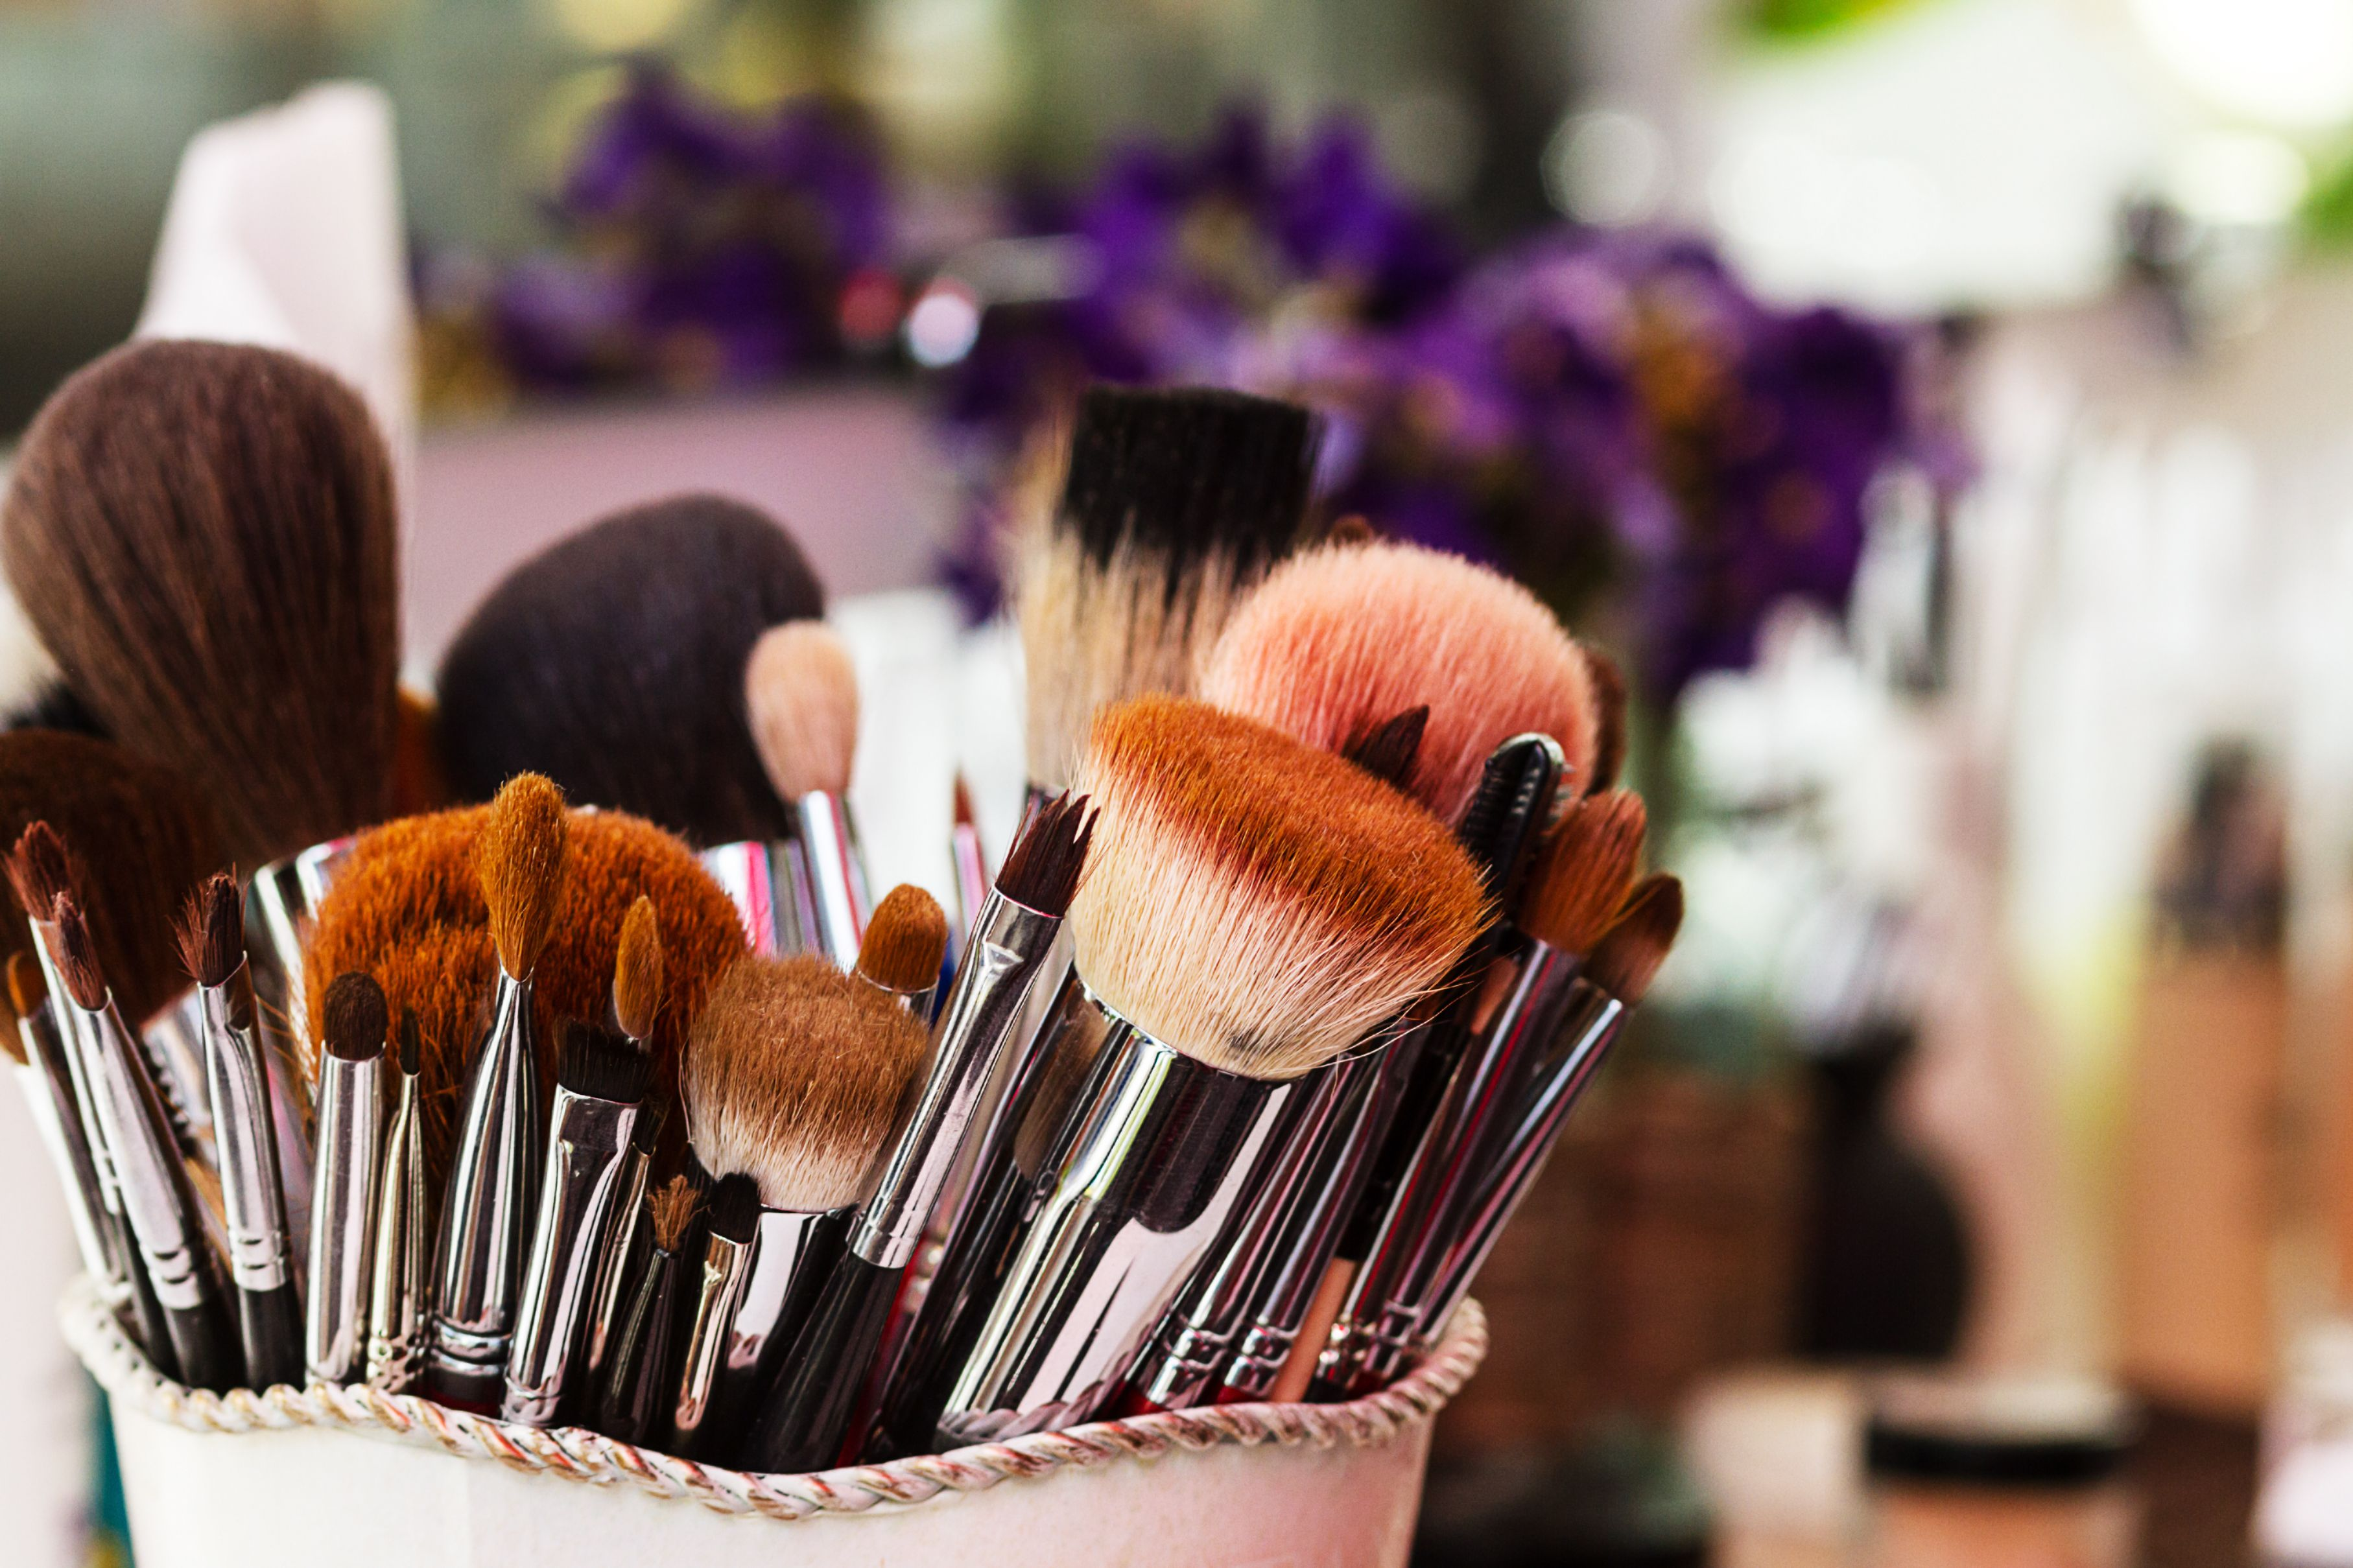 Makeup Brushes, workplace makeup artist